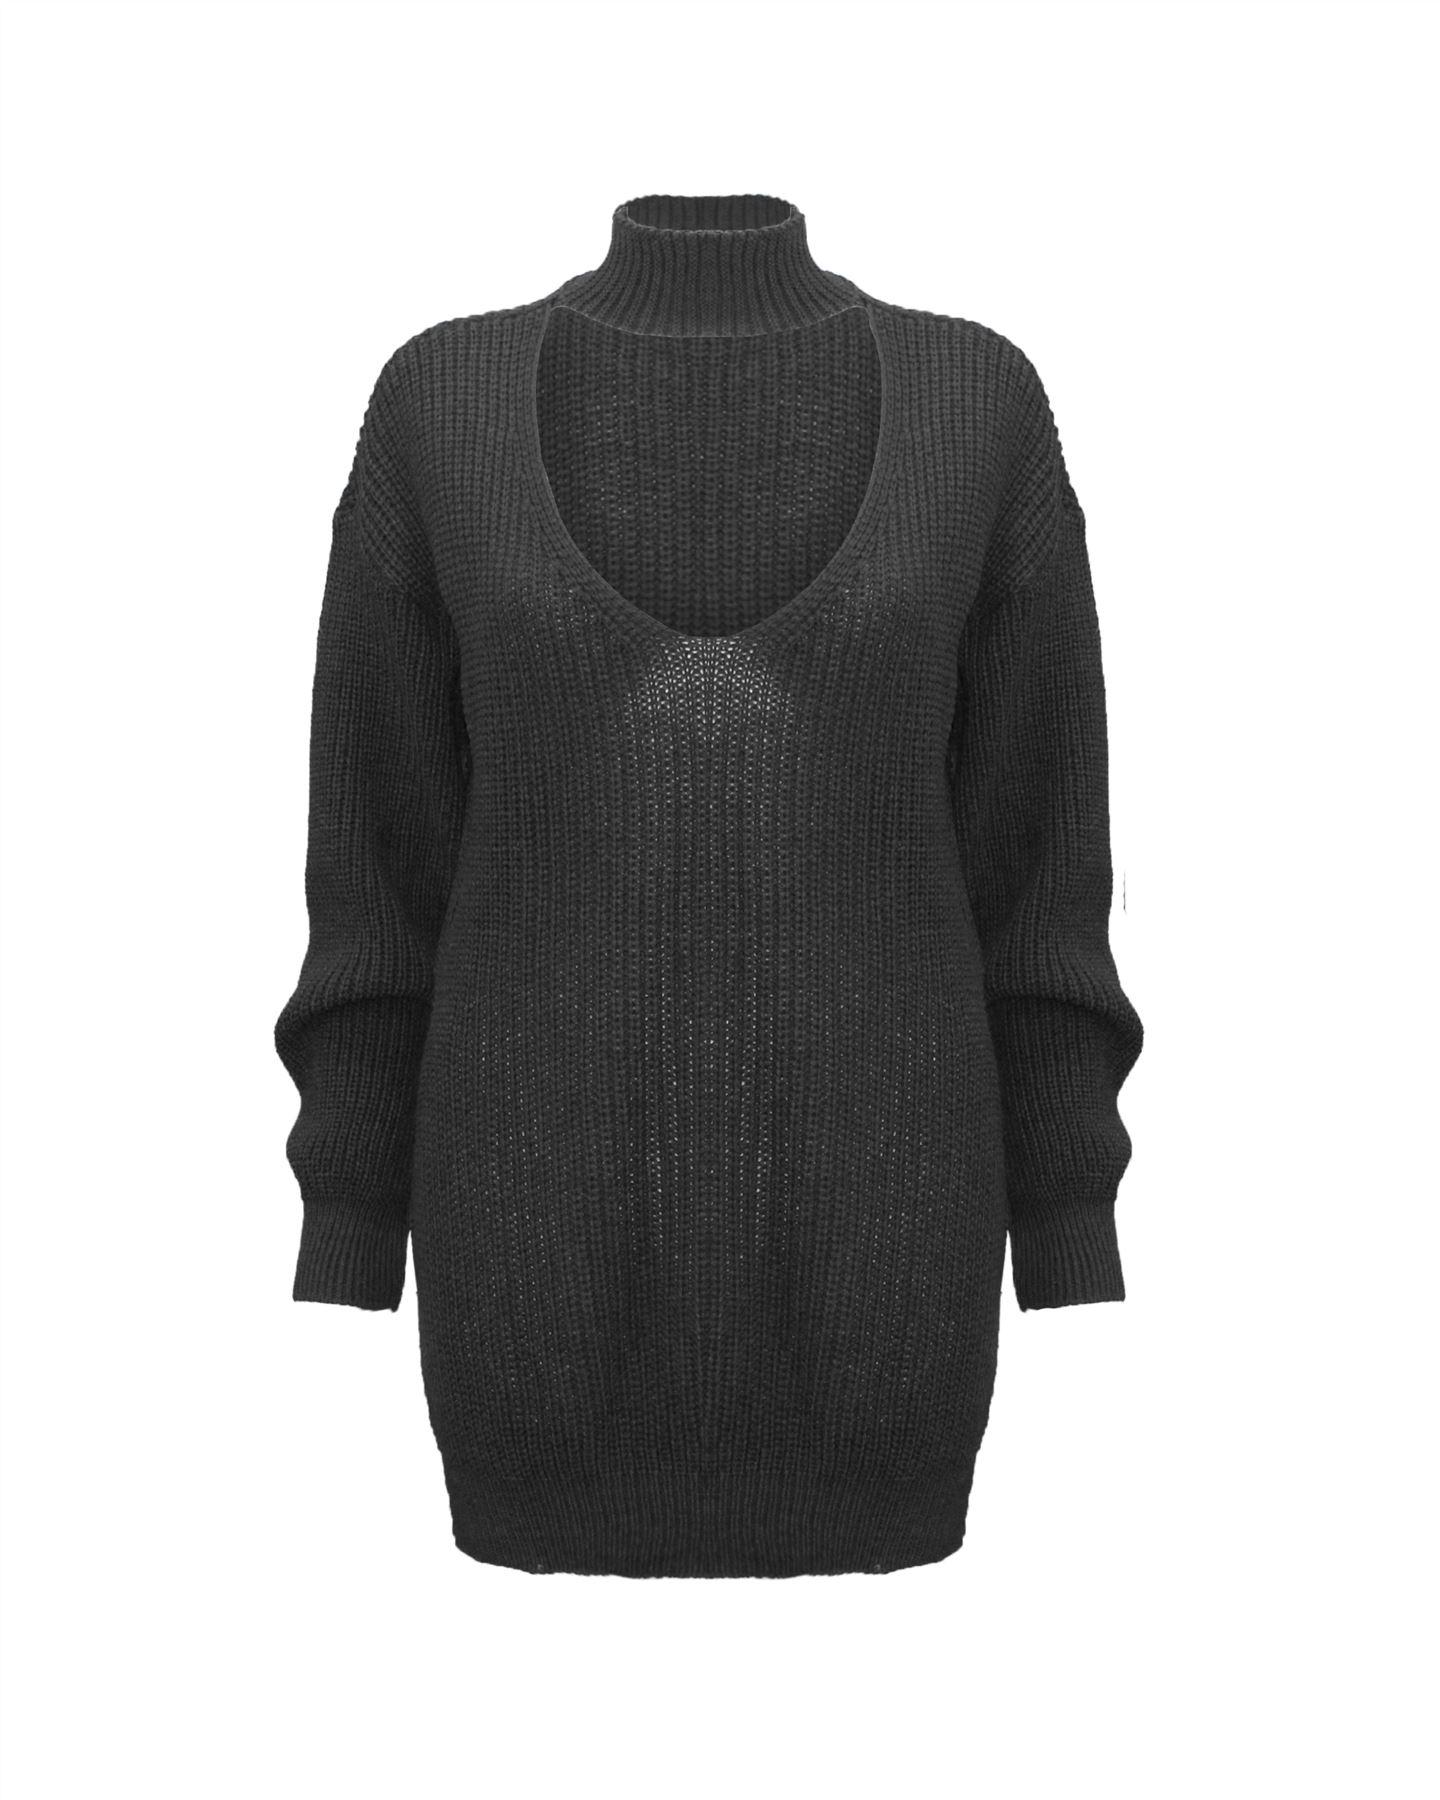 Le-donne-Donna-A-Maglia-Girocollo-Maglione-a-trama-grossa-Collo-Top-Baggy-Over-dimensionati-sweater miniatura 14